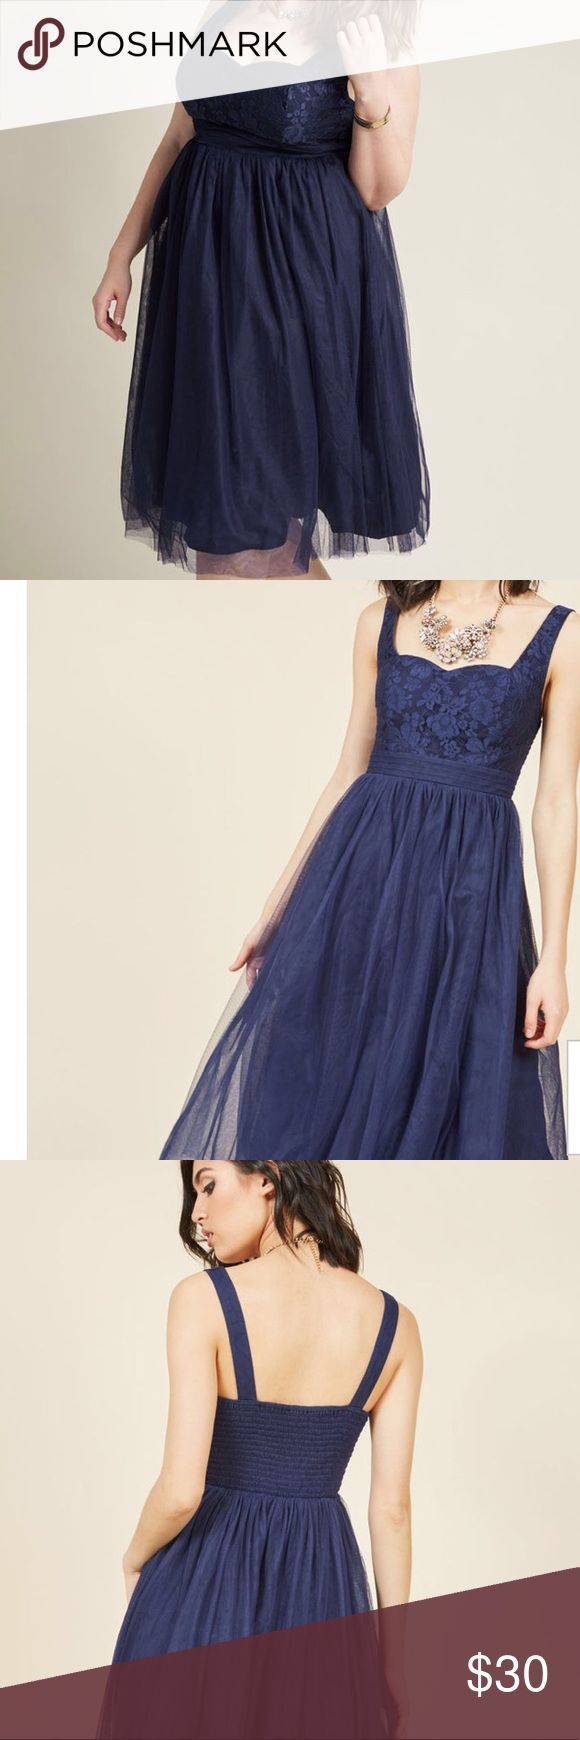 Alle Kleider sommerkleider in übergrößen : Die besten 25+ Navy plus size dresses Ideen auf Pinterest ...